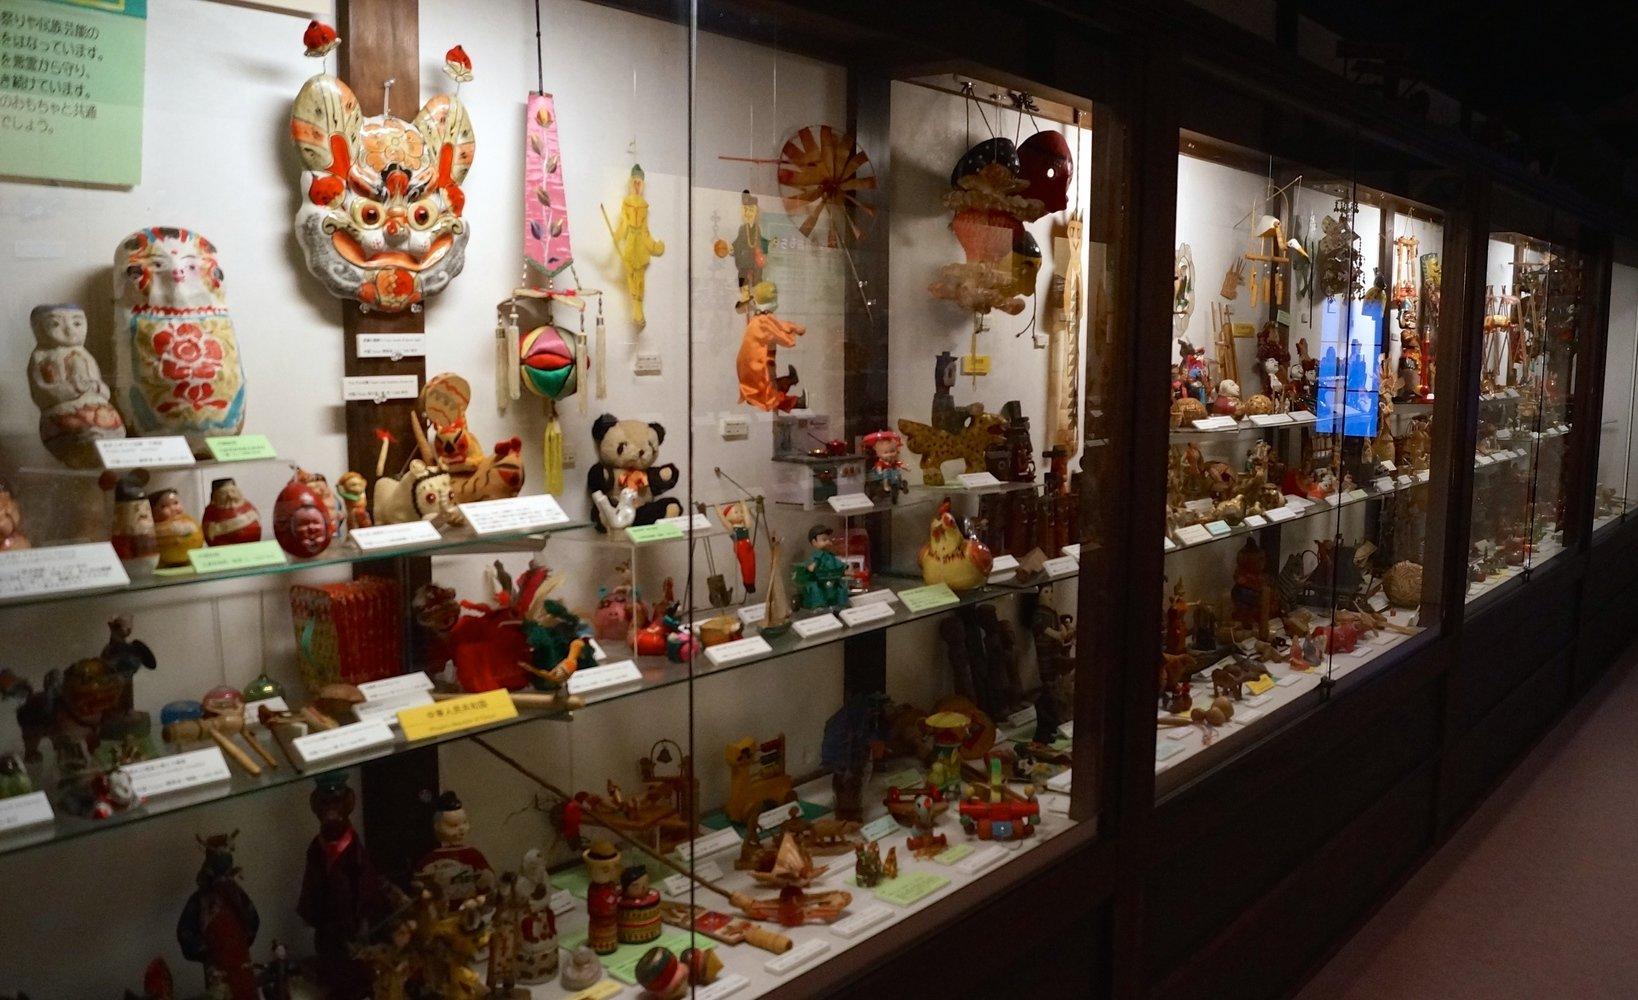 4号館は日本だけでなく、2階で世界の国別に分けて玩具を展示しています。各国の玩具の特徴を比較が出来ます